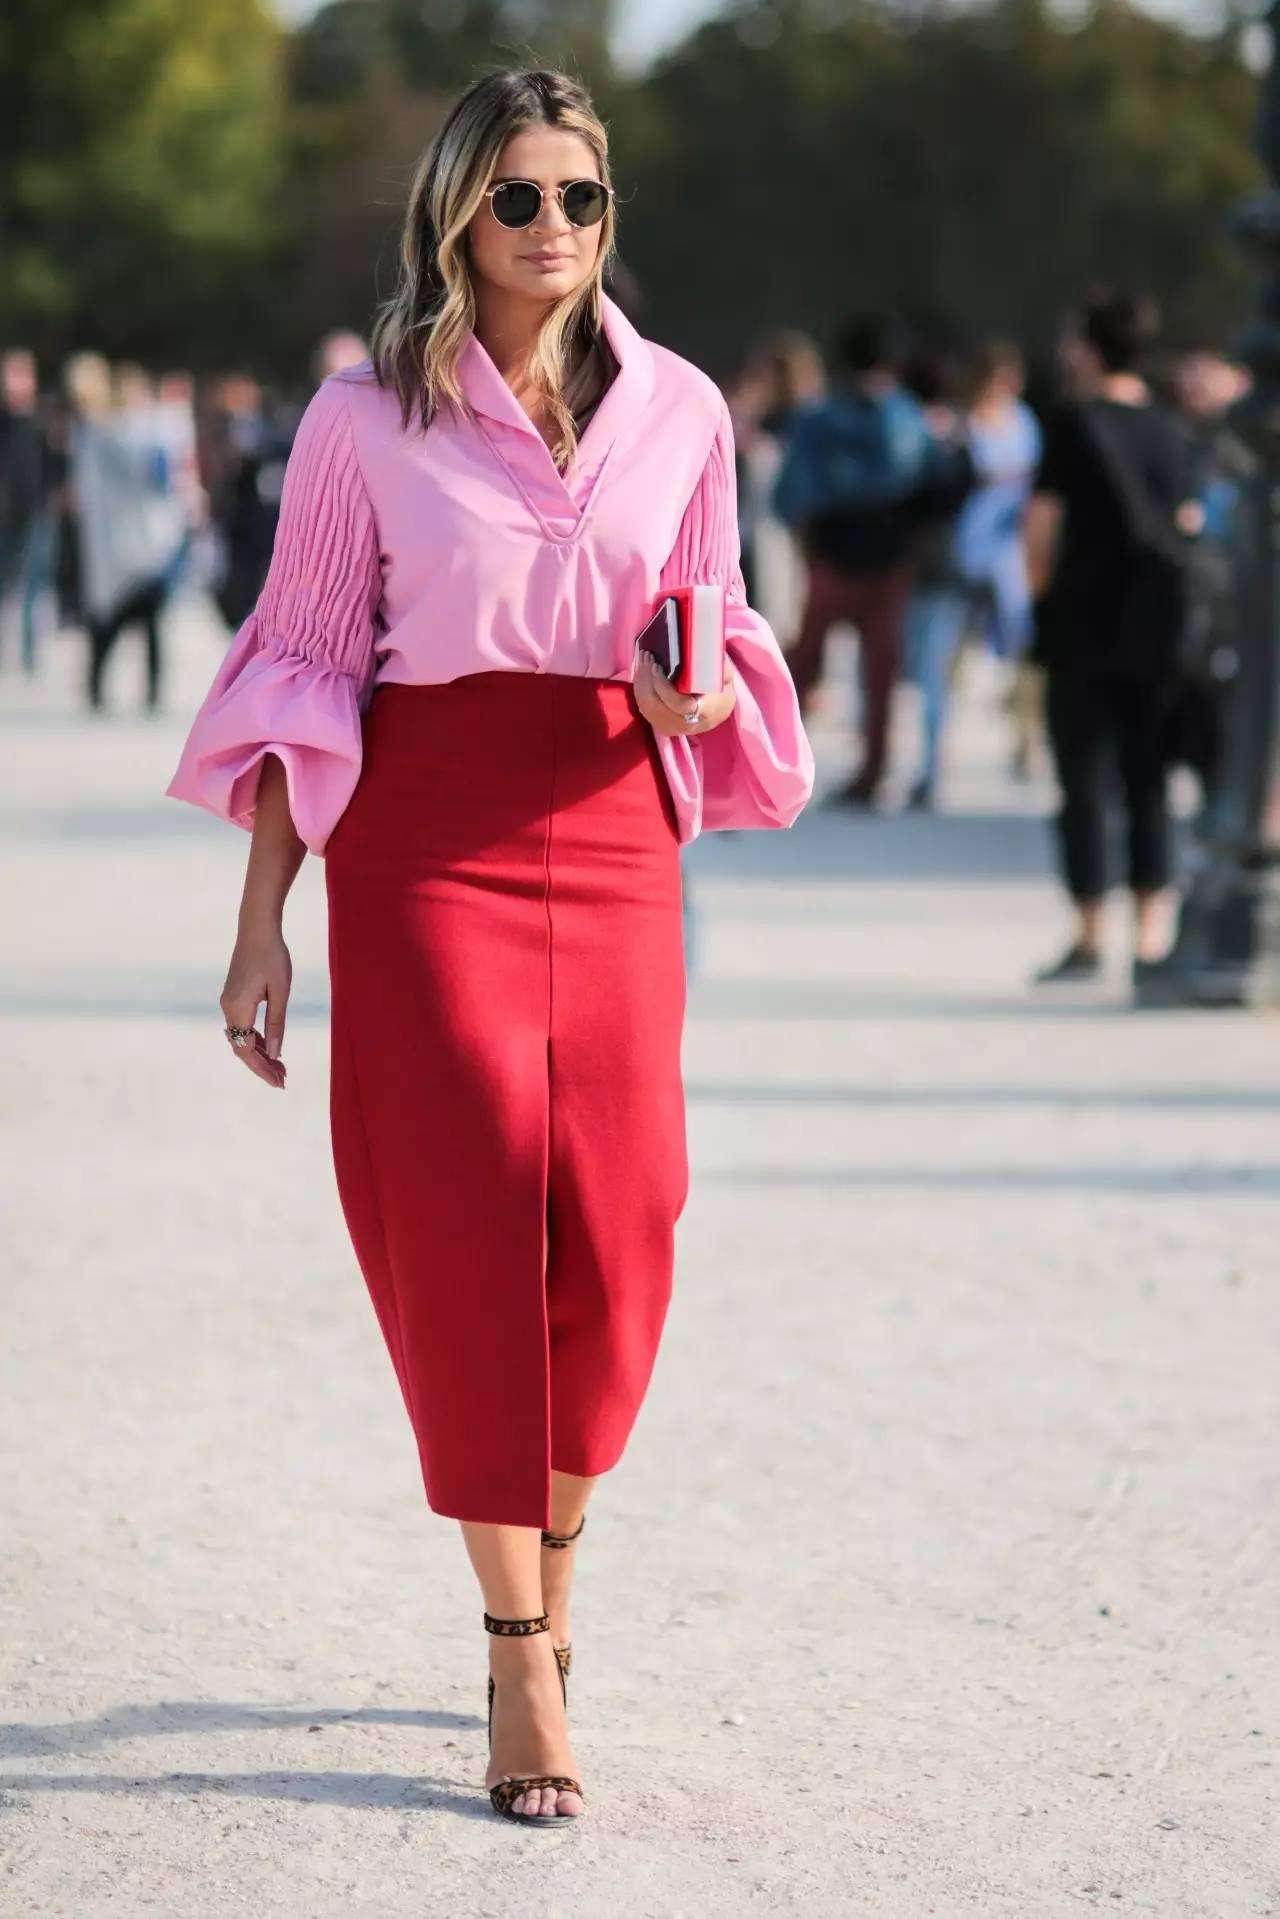 Красная юбка с блузой фото 8